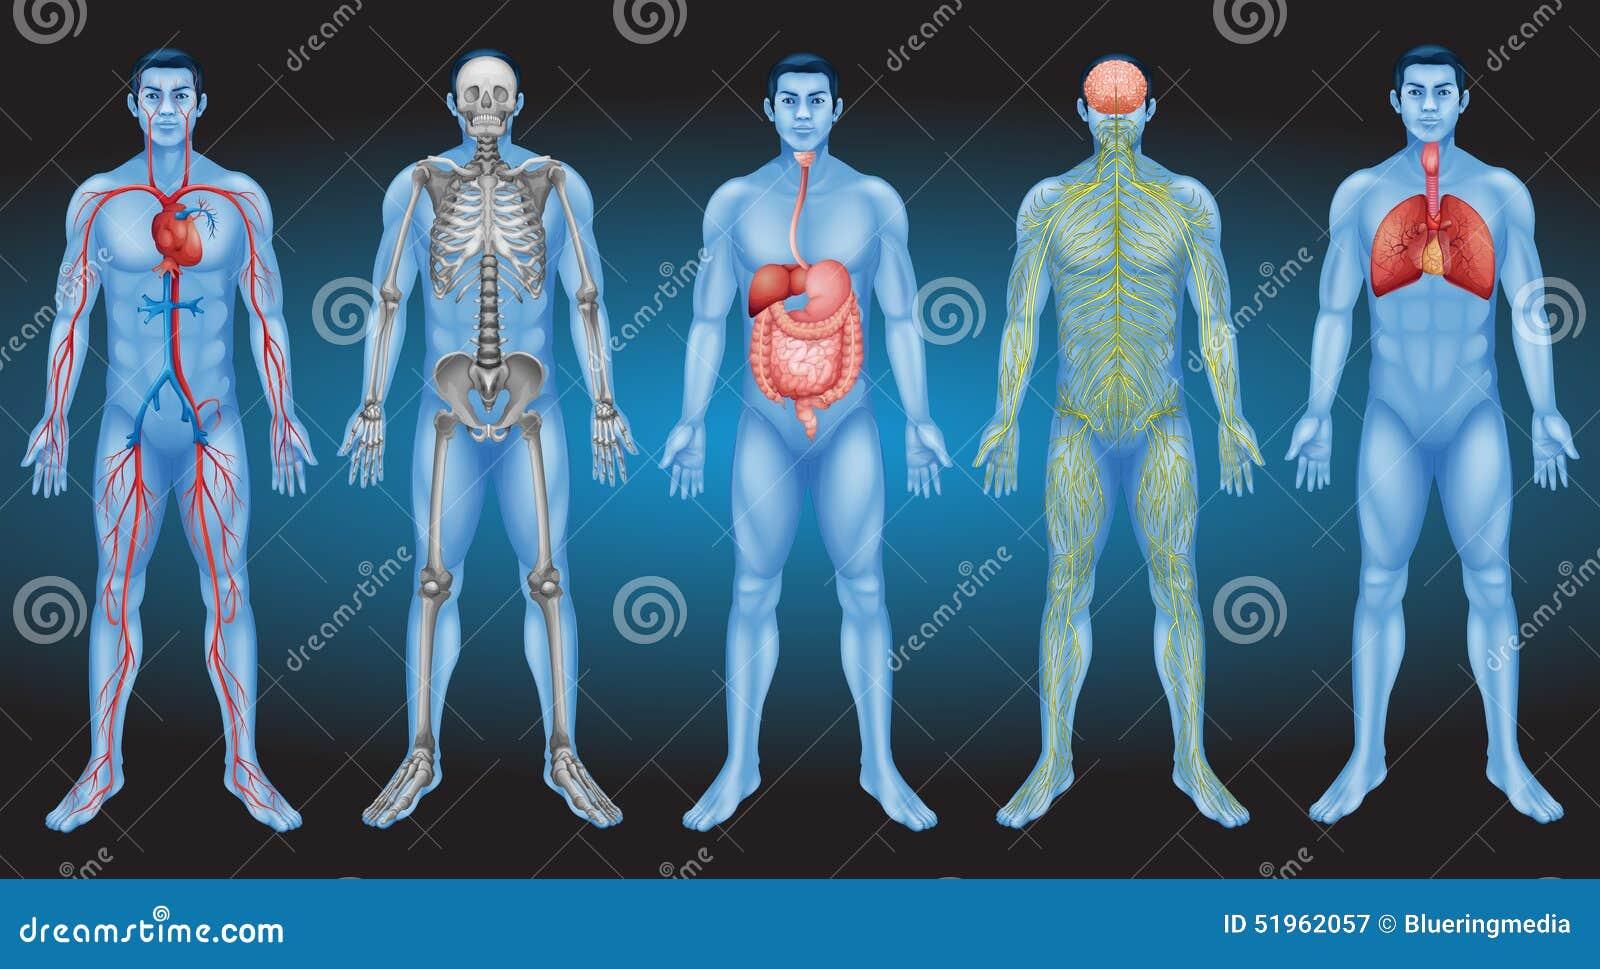 Mire El Cuerpo Humano Interior Ilustración del Vector - Ilustración ...